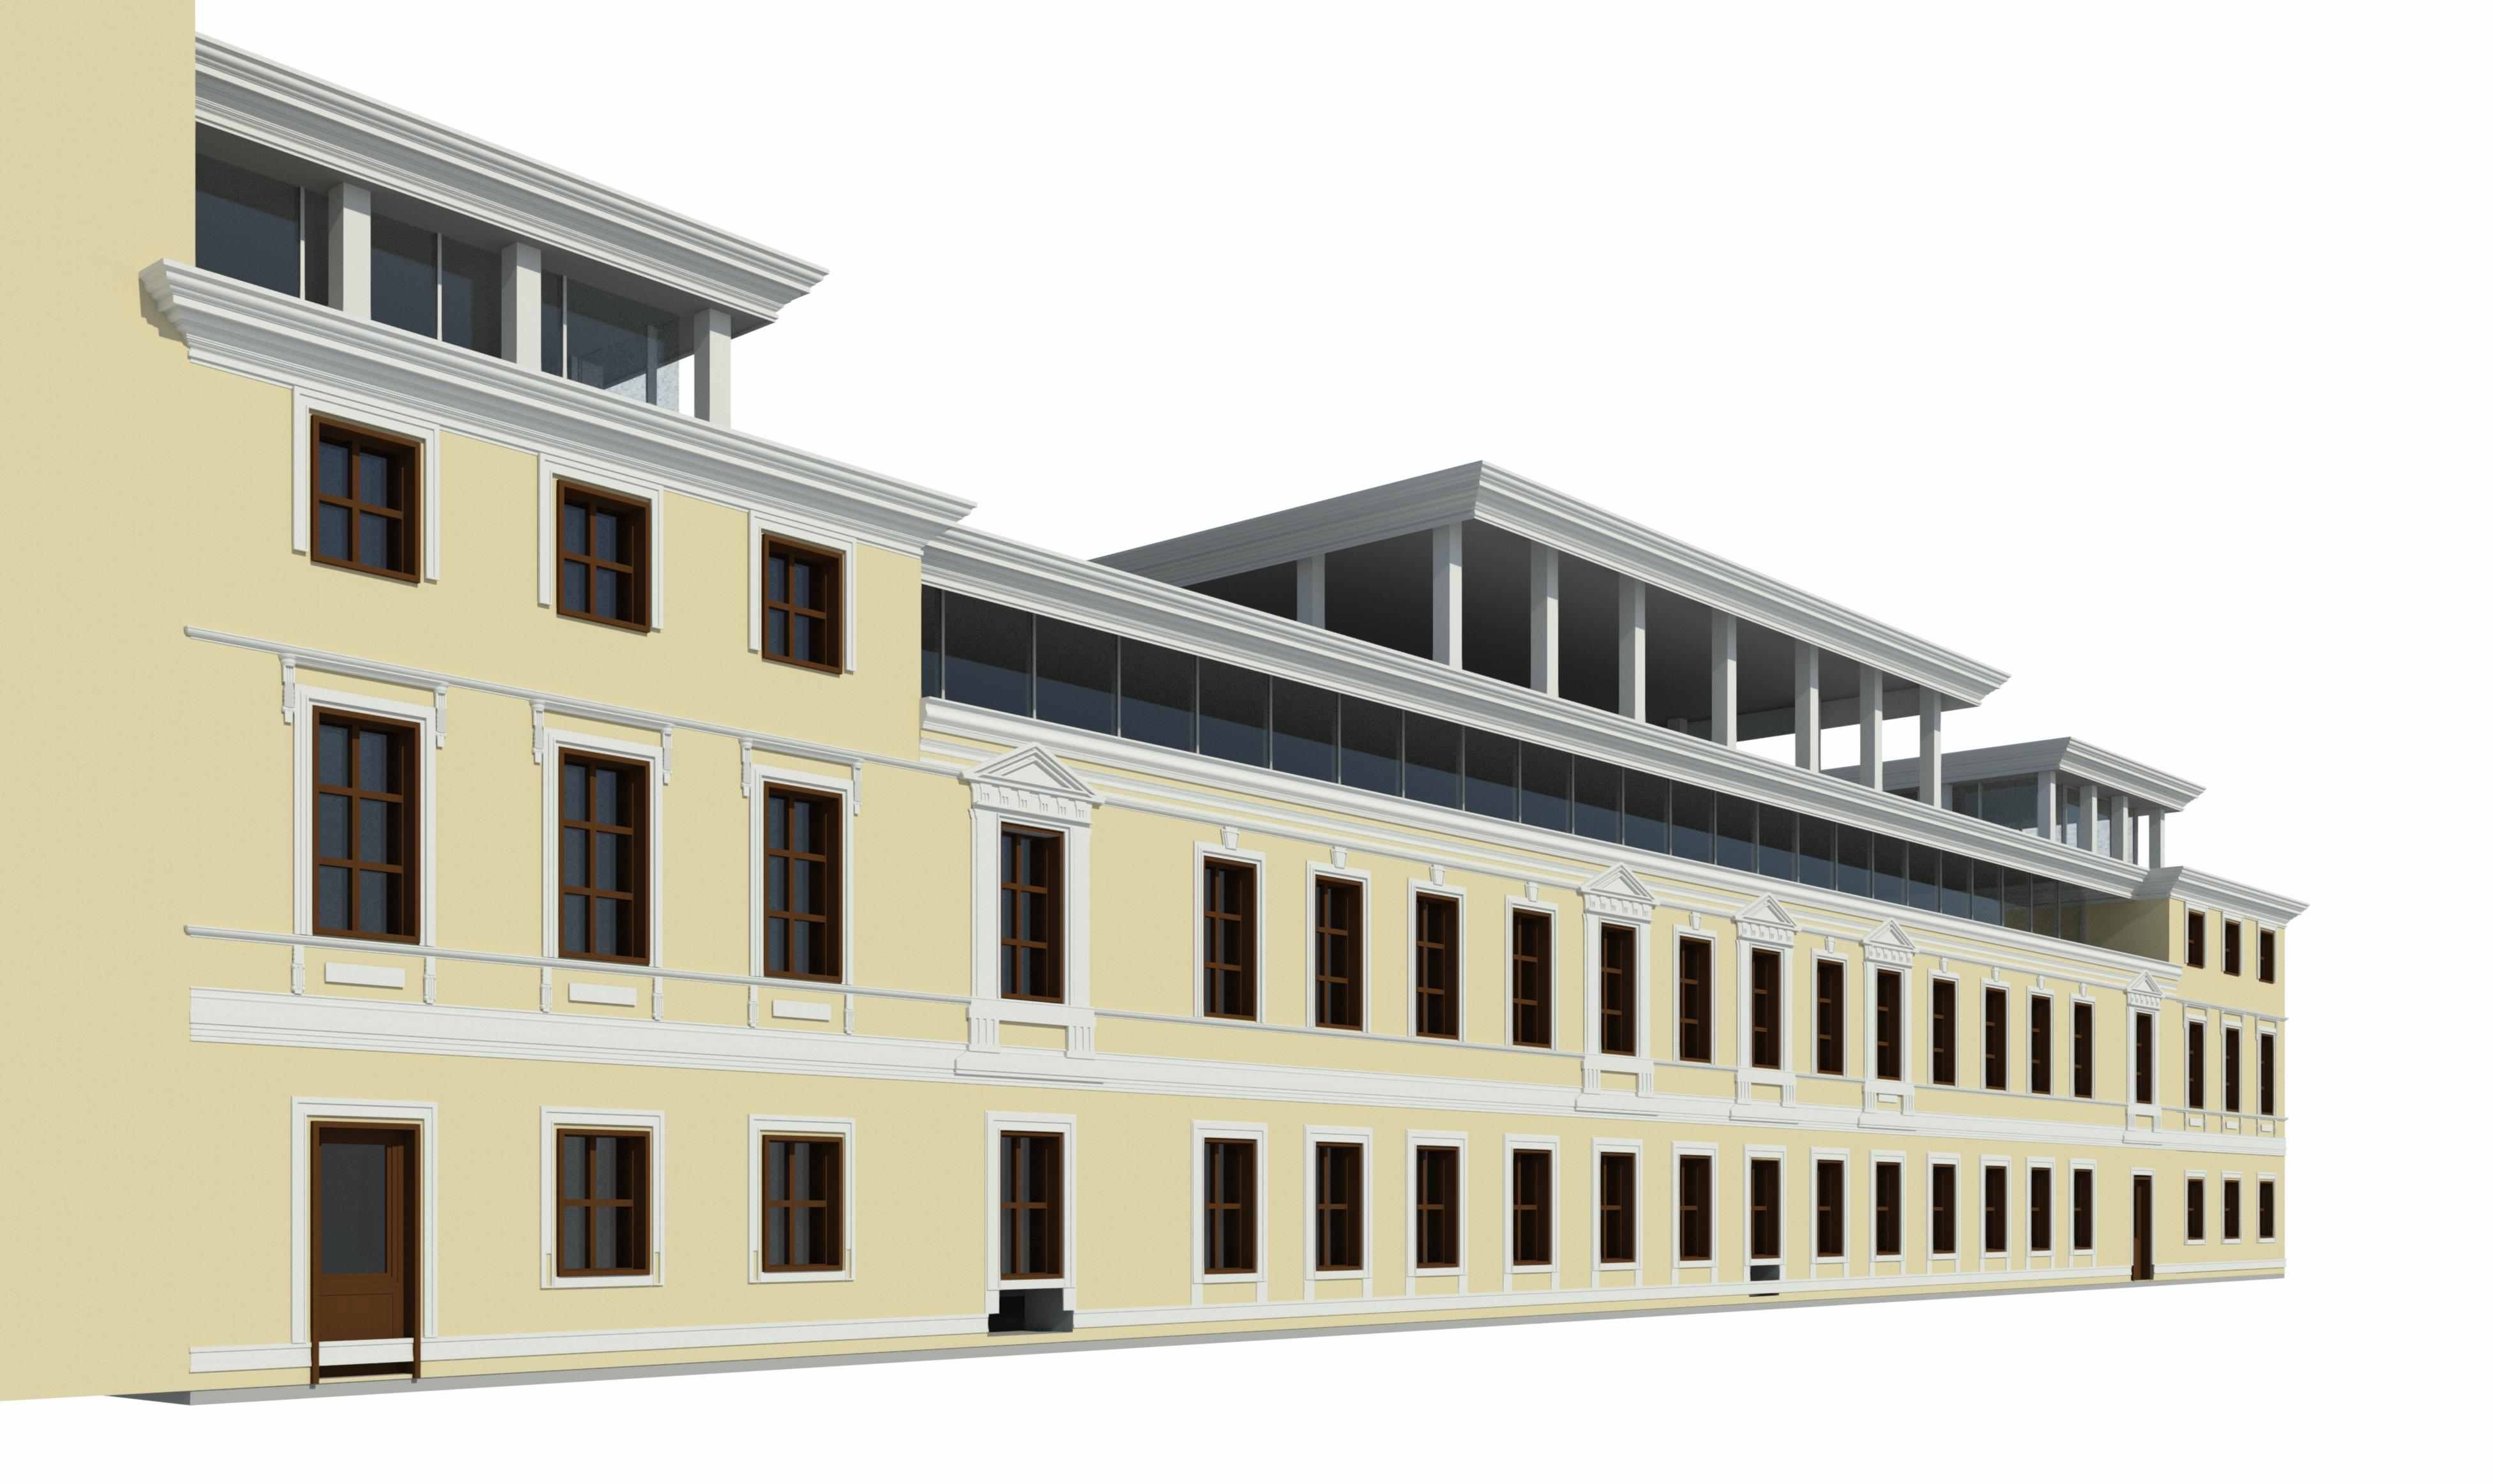 Концепция достройки фасада исторического здания фото f_3045c0a1ceb39b48.jpg